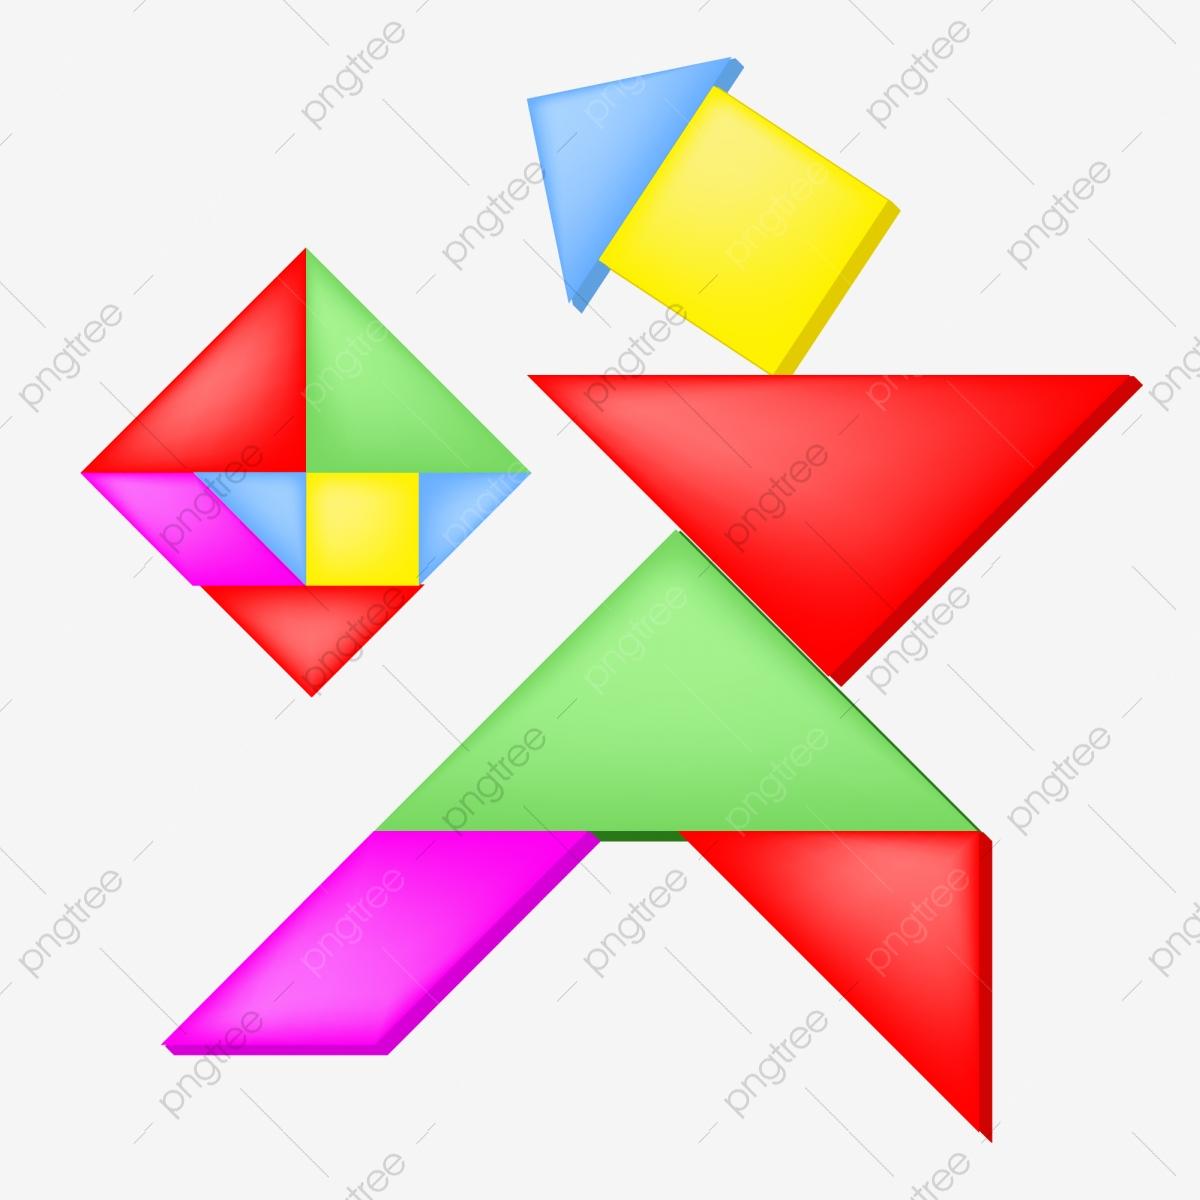 Tangram Couleur Jeu Géométrique Illustration, De, Couleur à Tangram À Découper